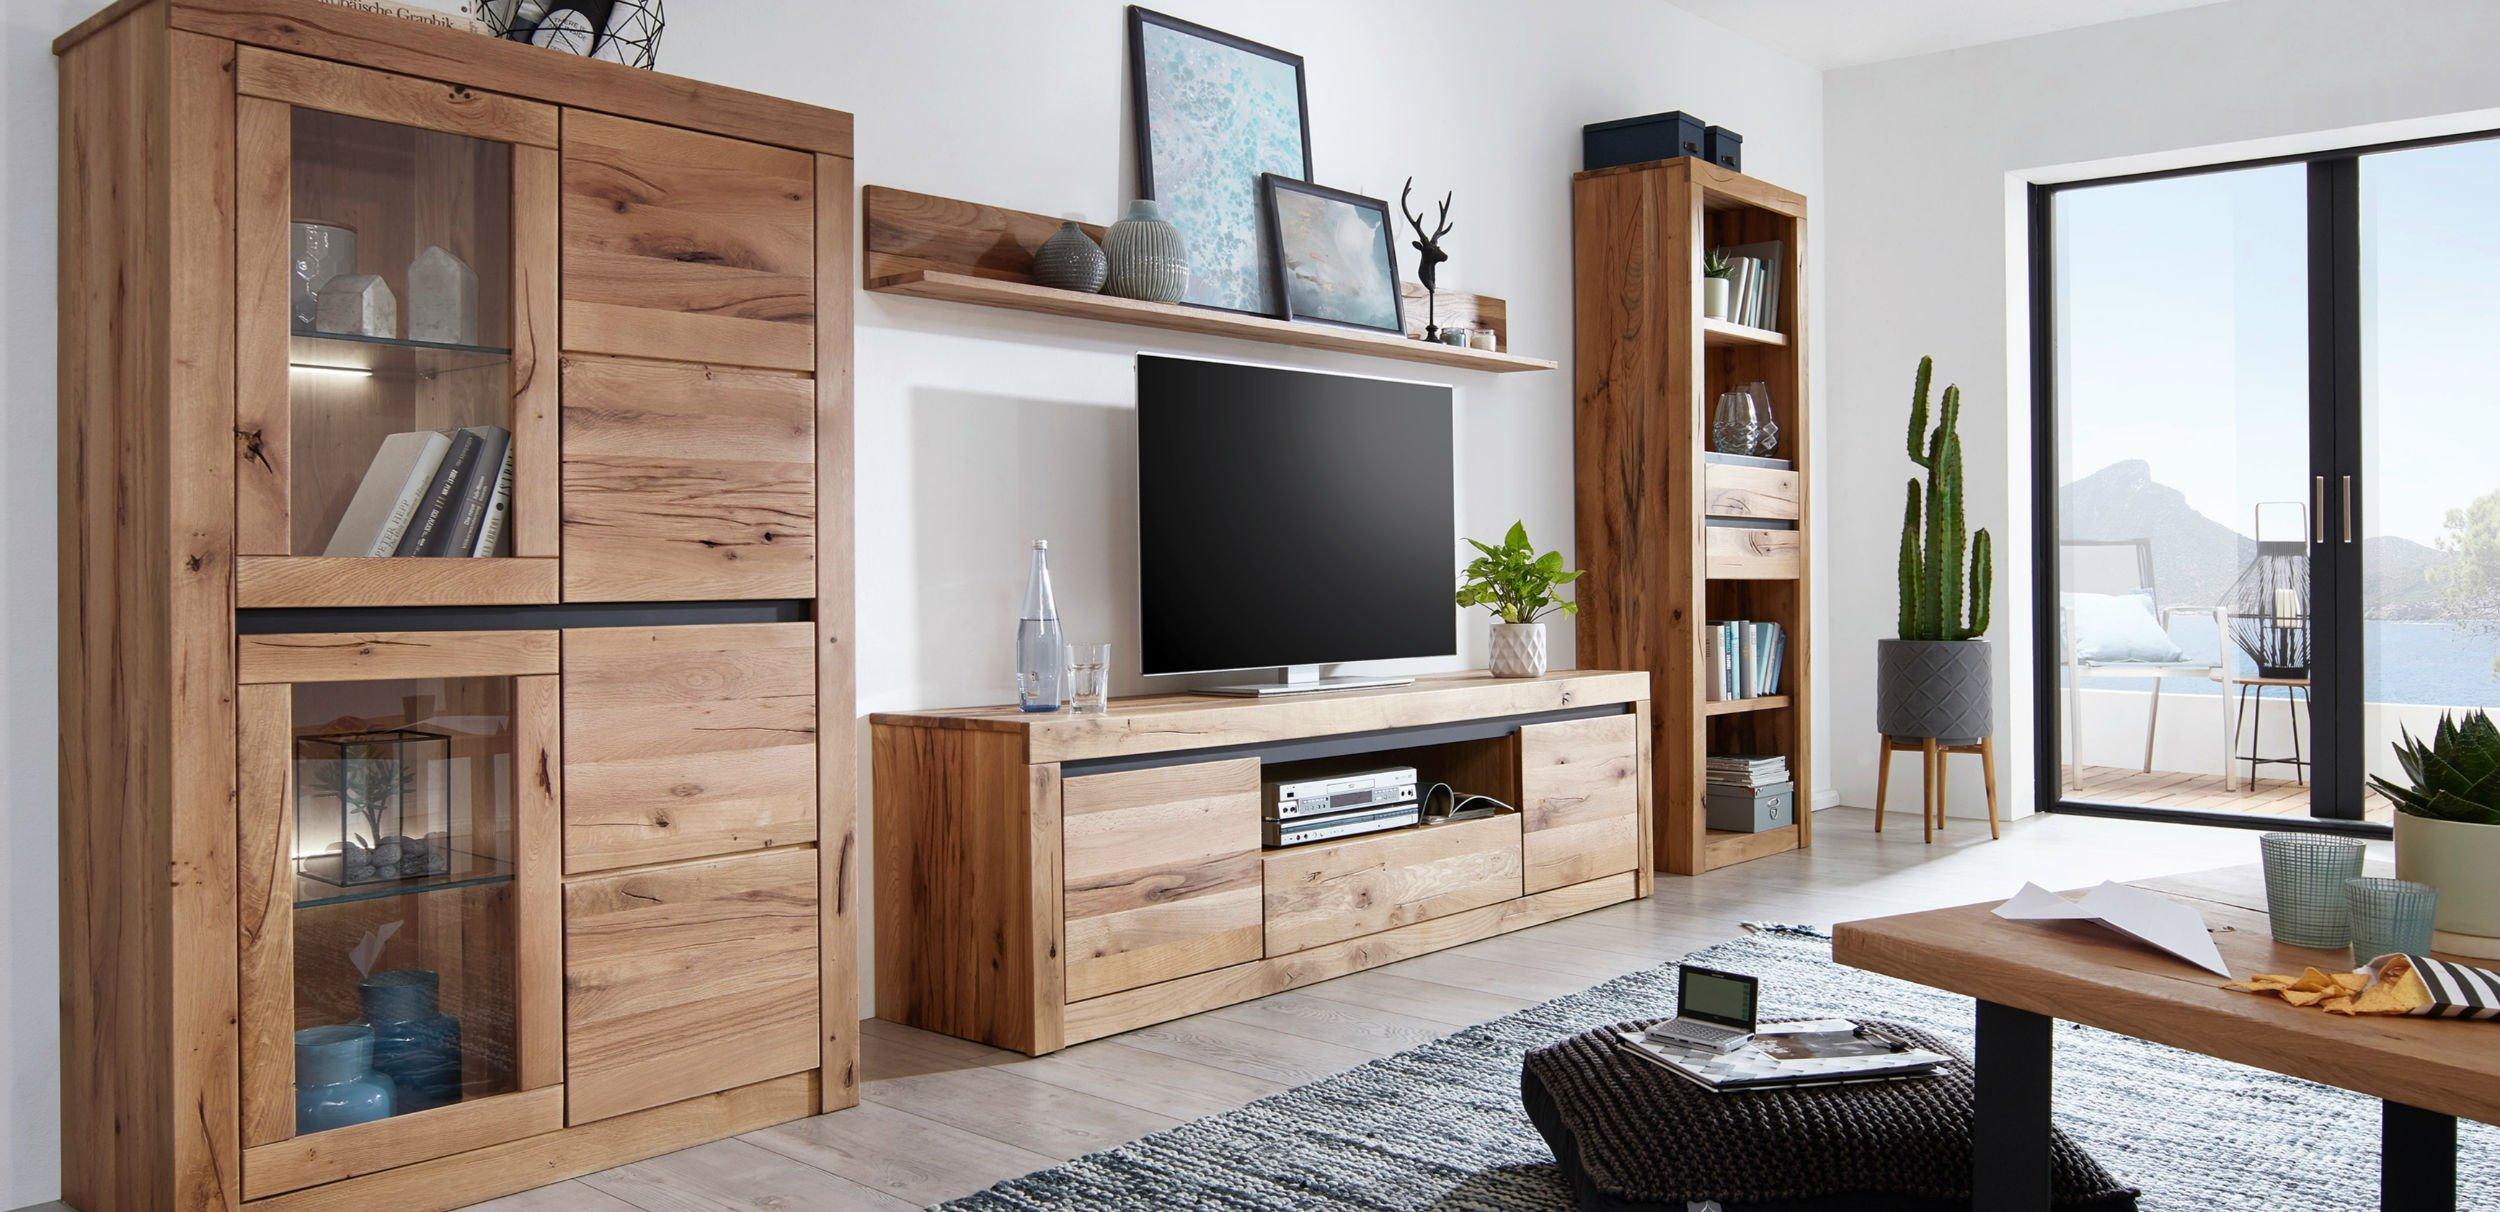 Wohnzimmer Esszimmer Kristiansand, Bild 2